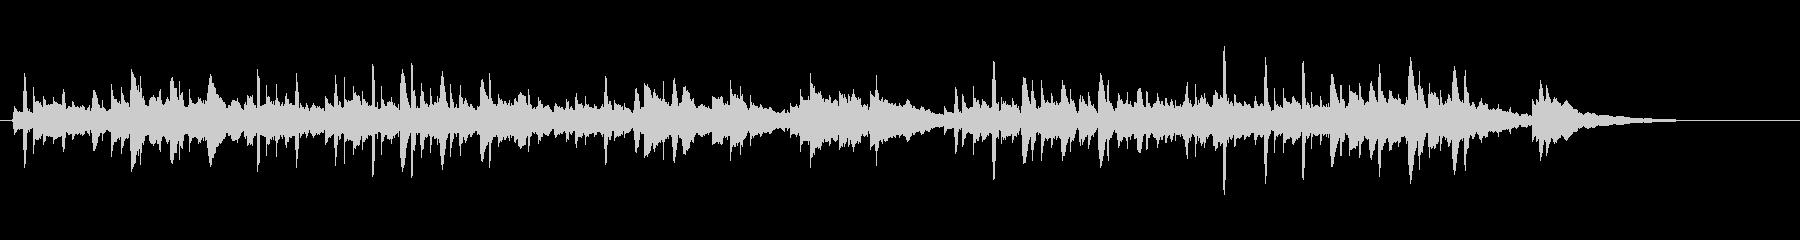 リラックス・癒し・ヨガ・ギター+αの未再生の波形